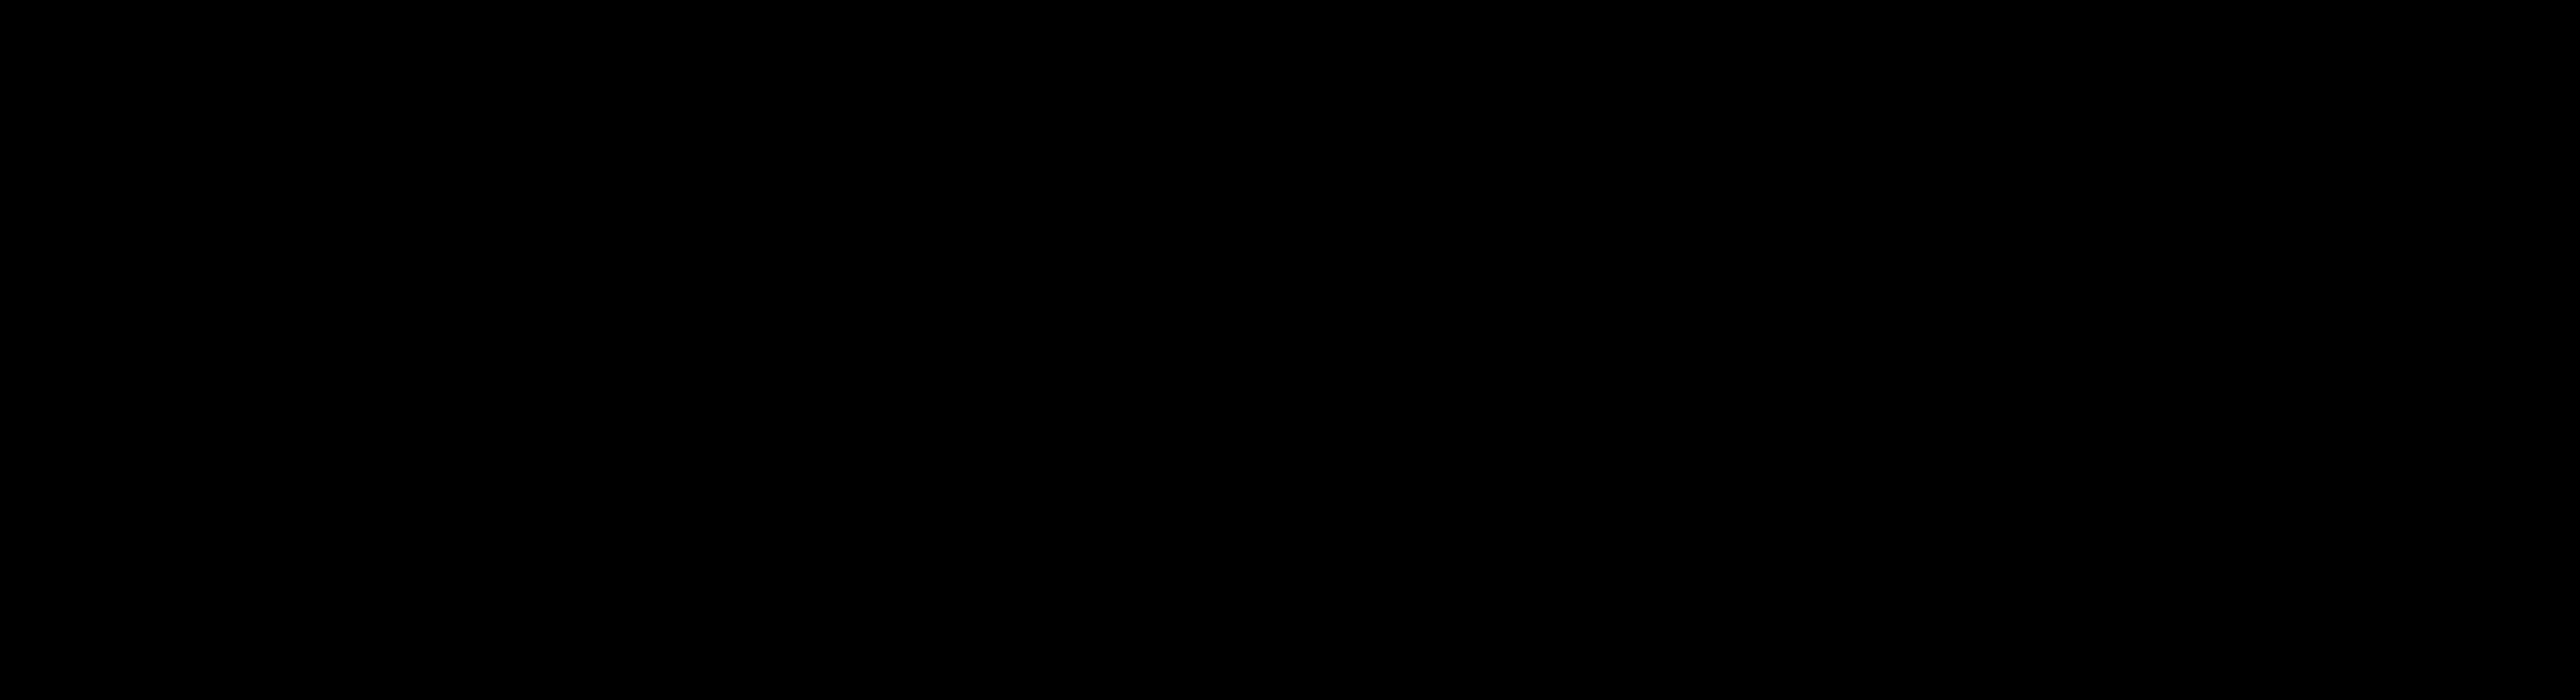 Champion – Logos Download